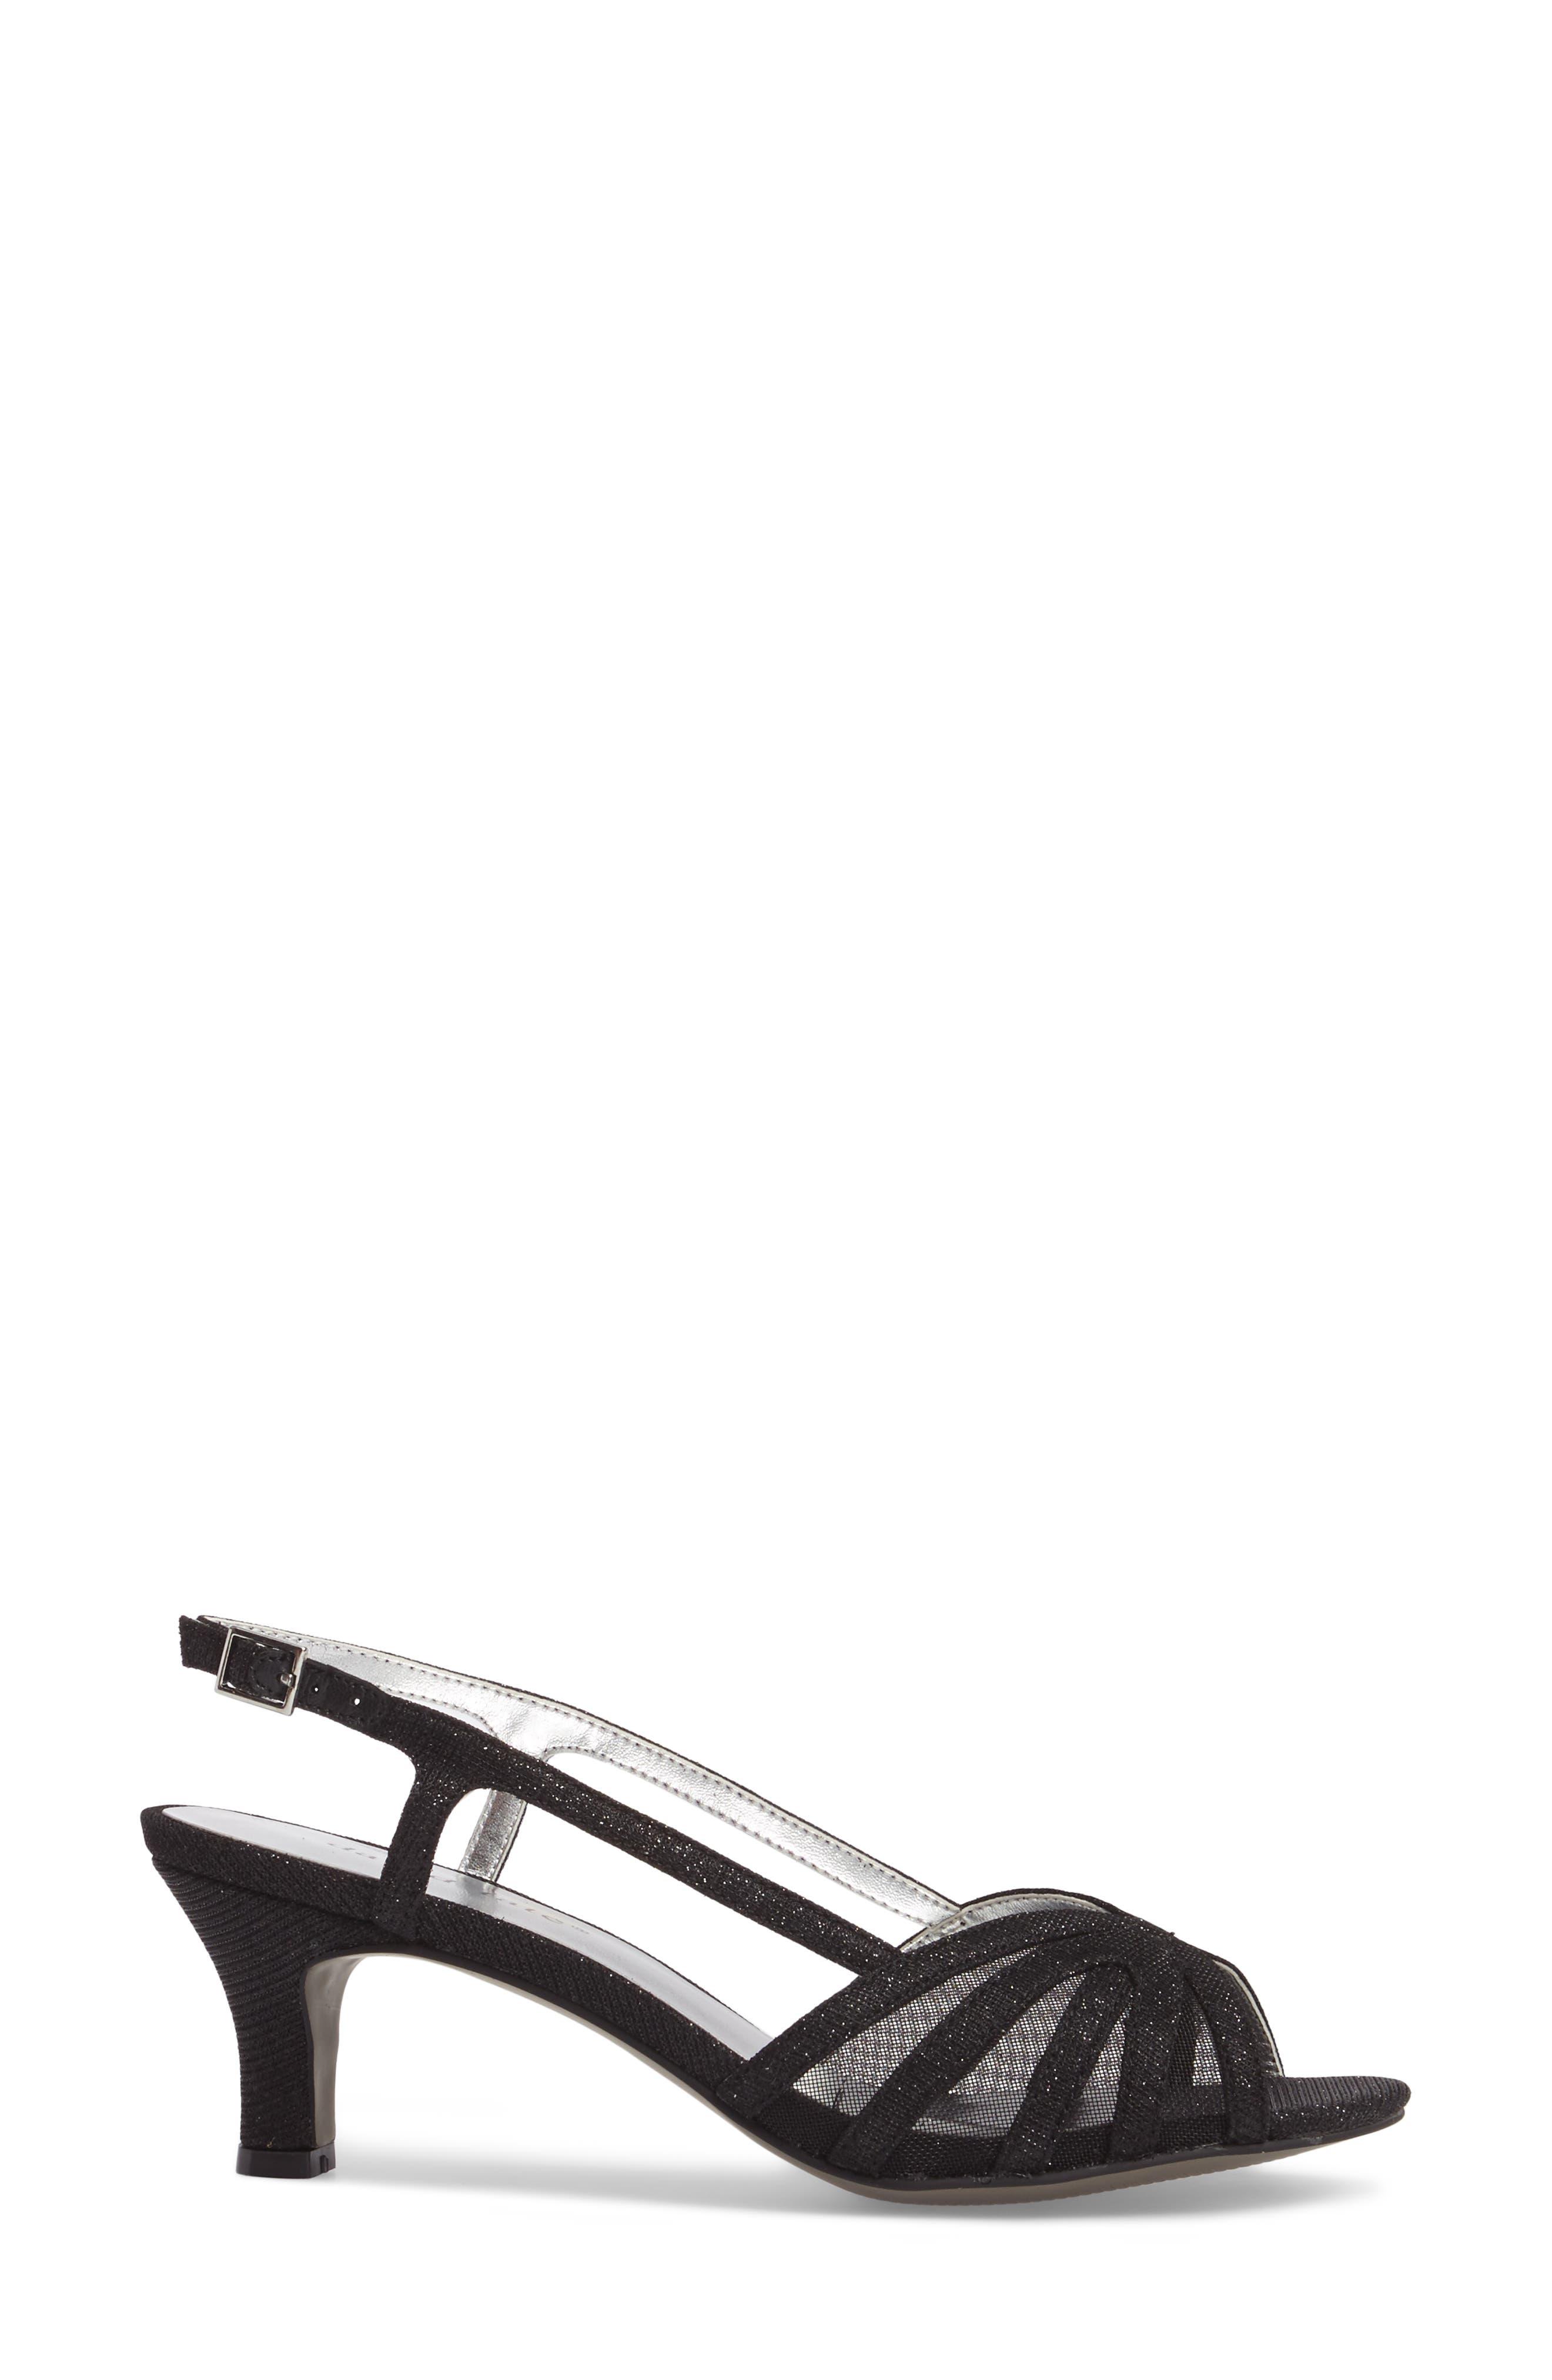 Ritz Slingback Sandal,                             Alternate thumbnail 3, color,                             Black